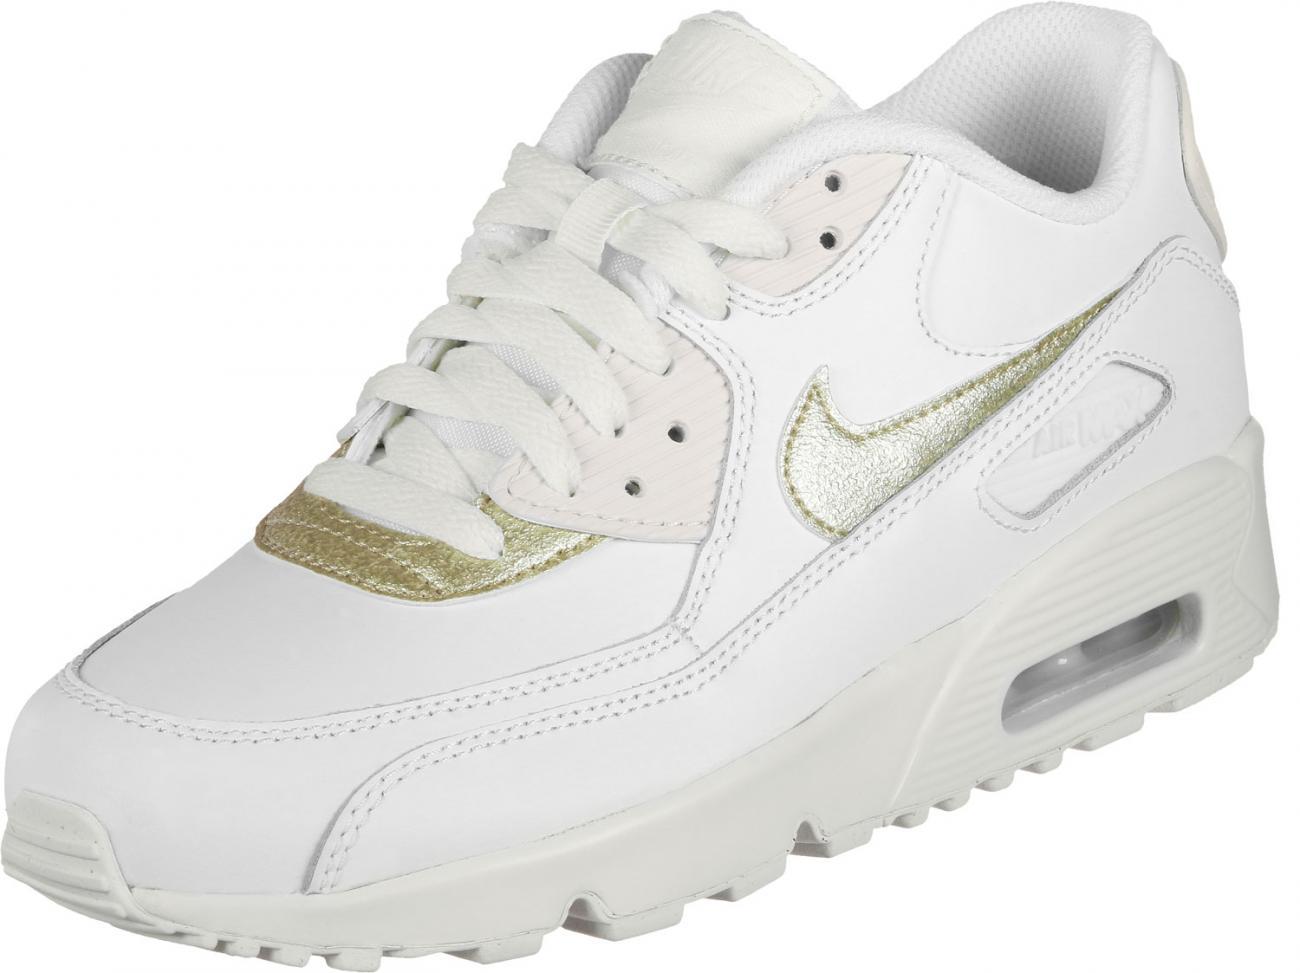 chaussure nike air max femme,Chaussure Nike Air Max 95 pour ...